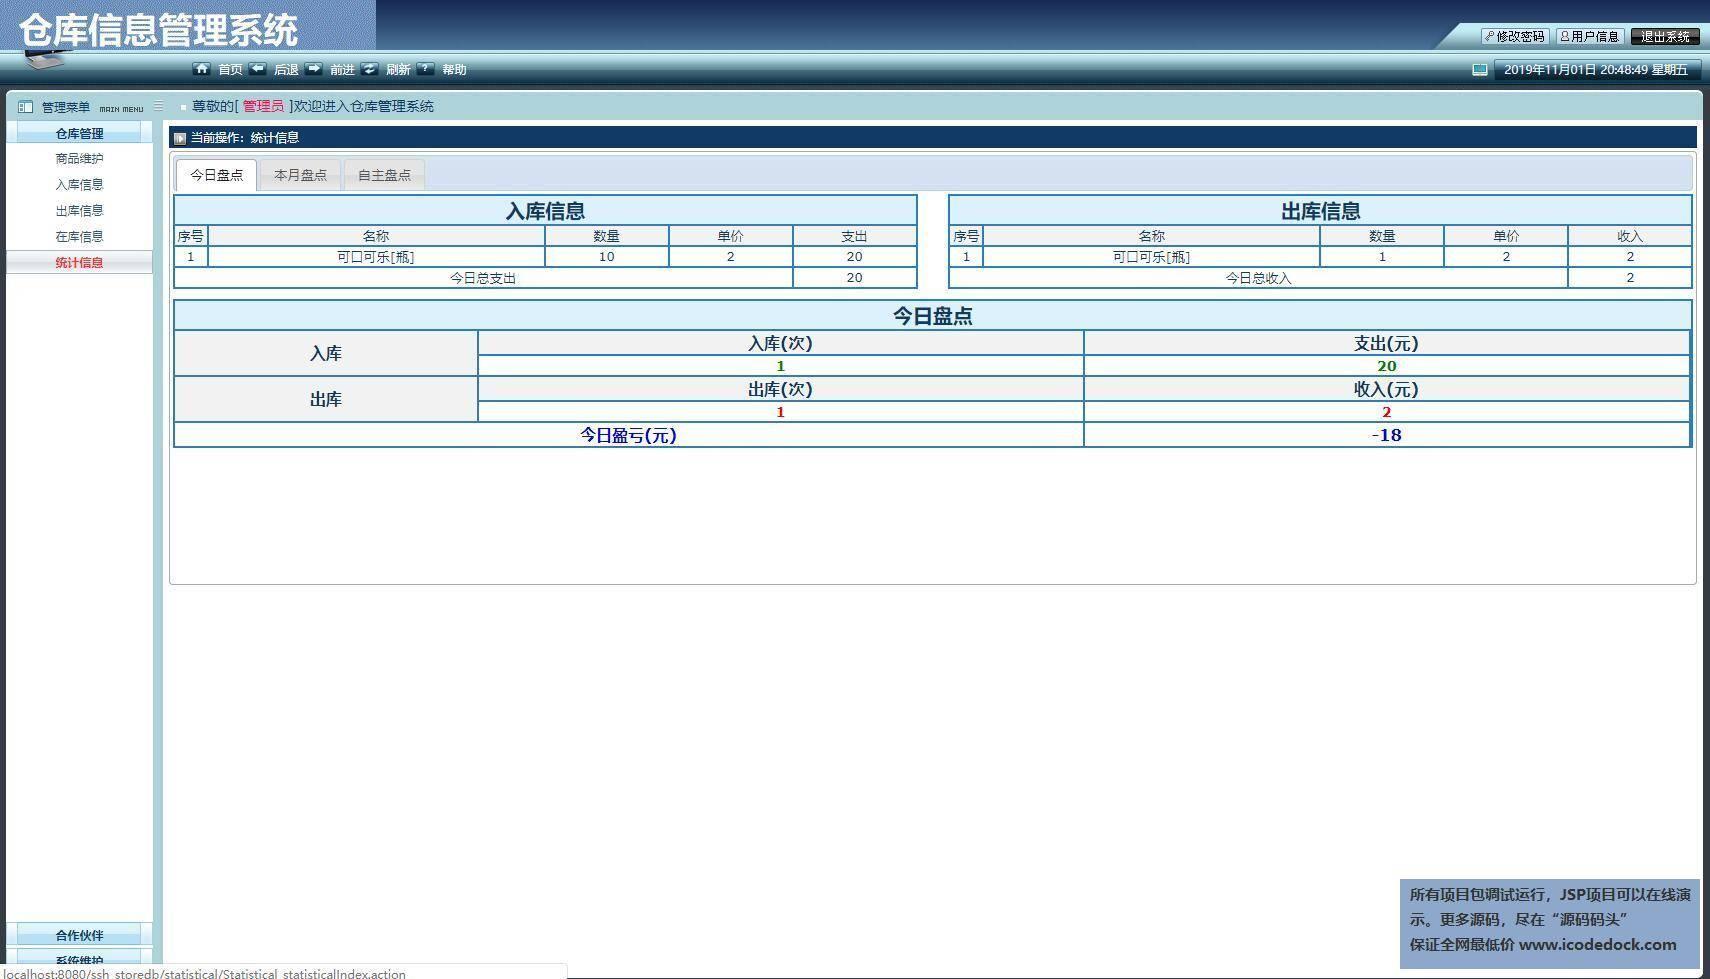 源码码头-SSH仓储管理系统-管理员角色-统计信息